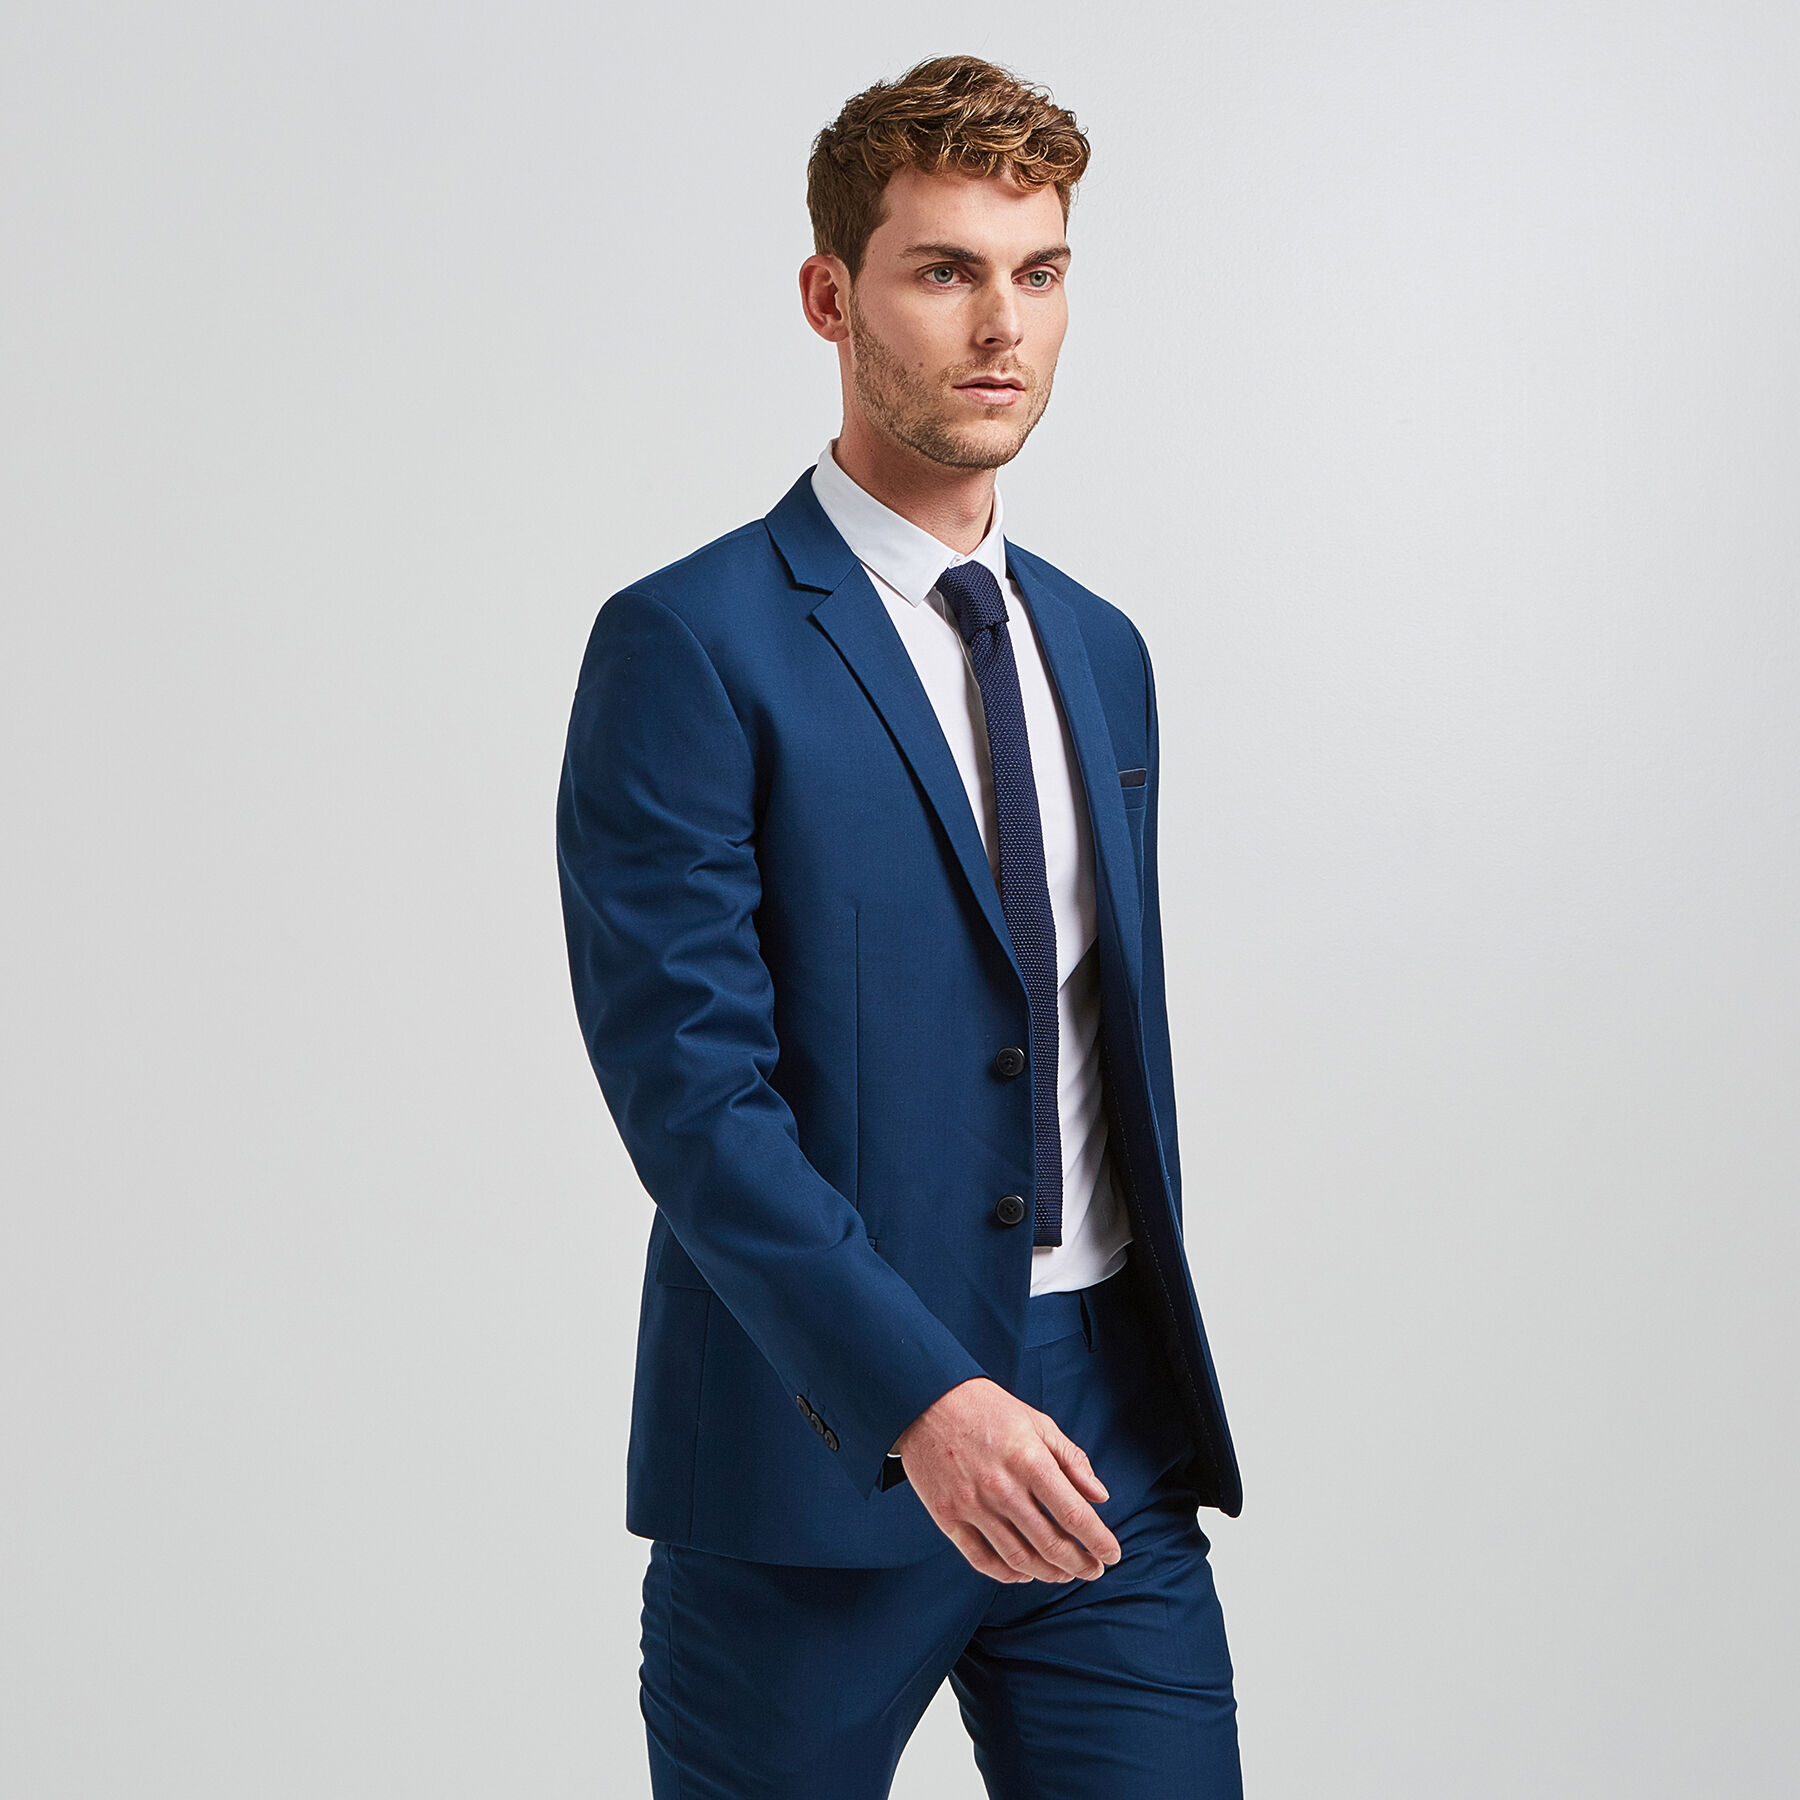 896d0acf6b8e3 Veste de costume slim Bleu Canard Homme - Jules